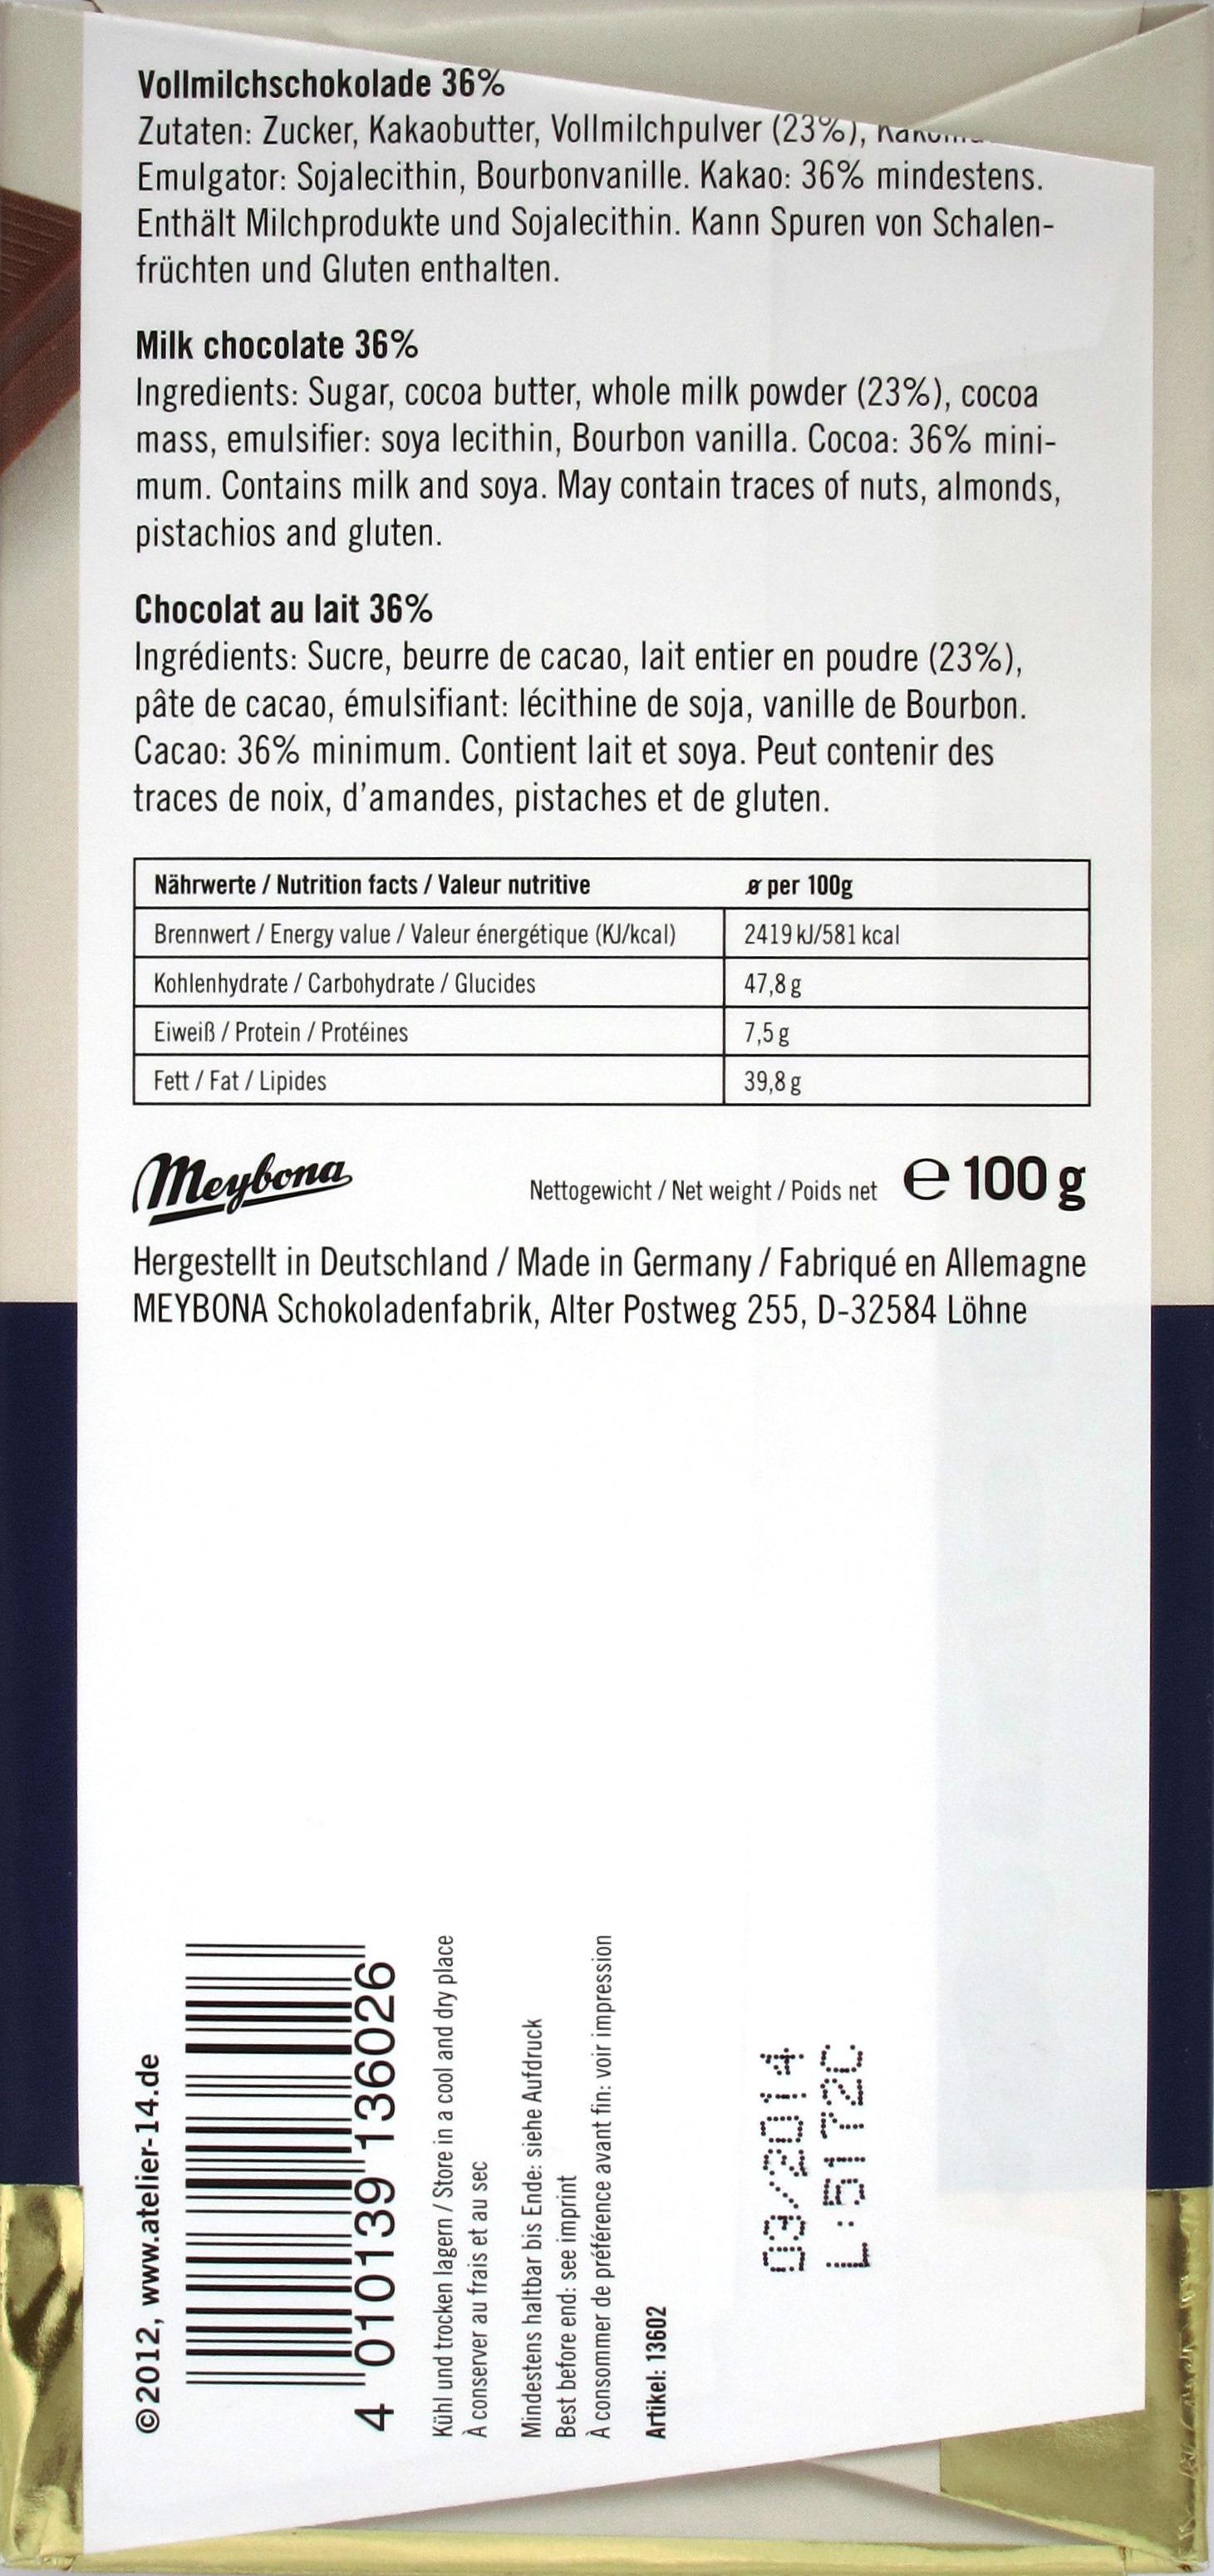 Meybona Vollmilch Schokolade 36% - Rückseite